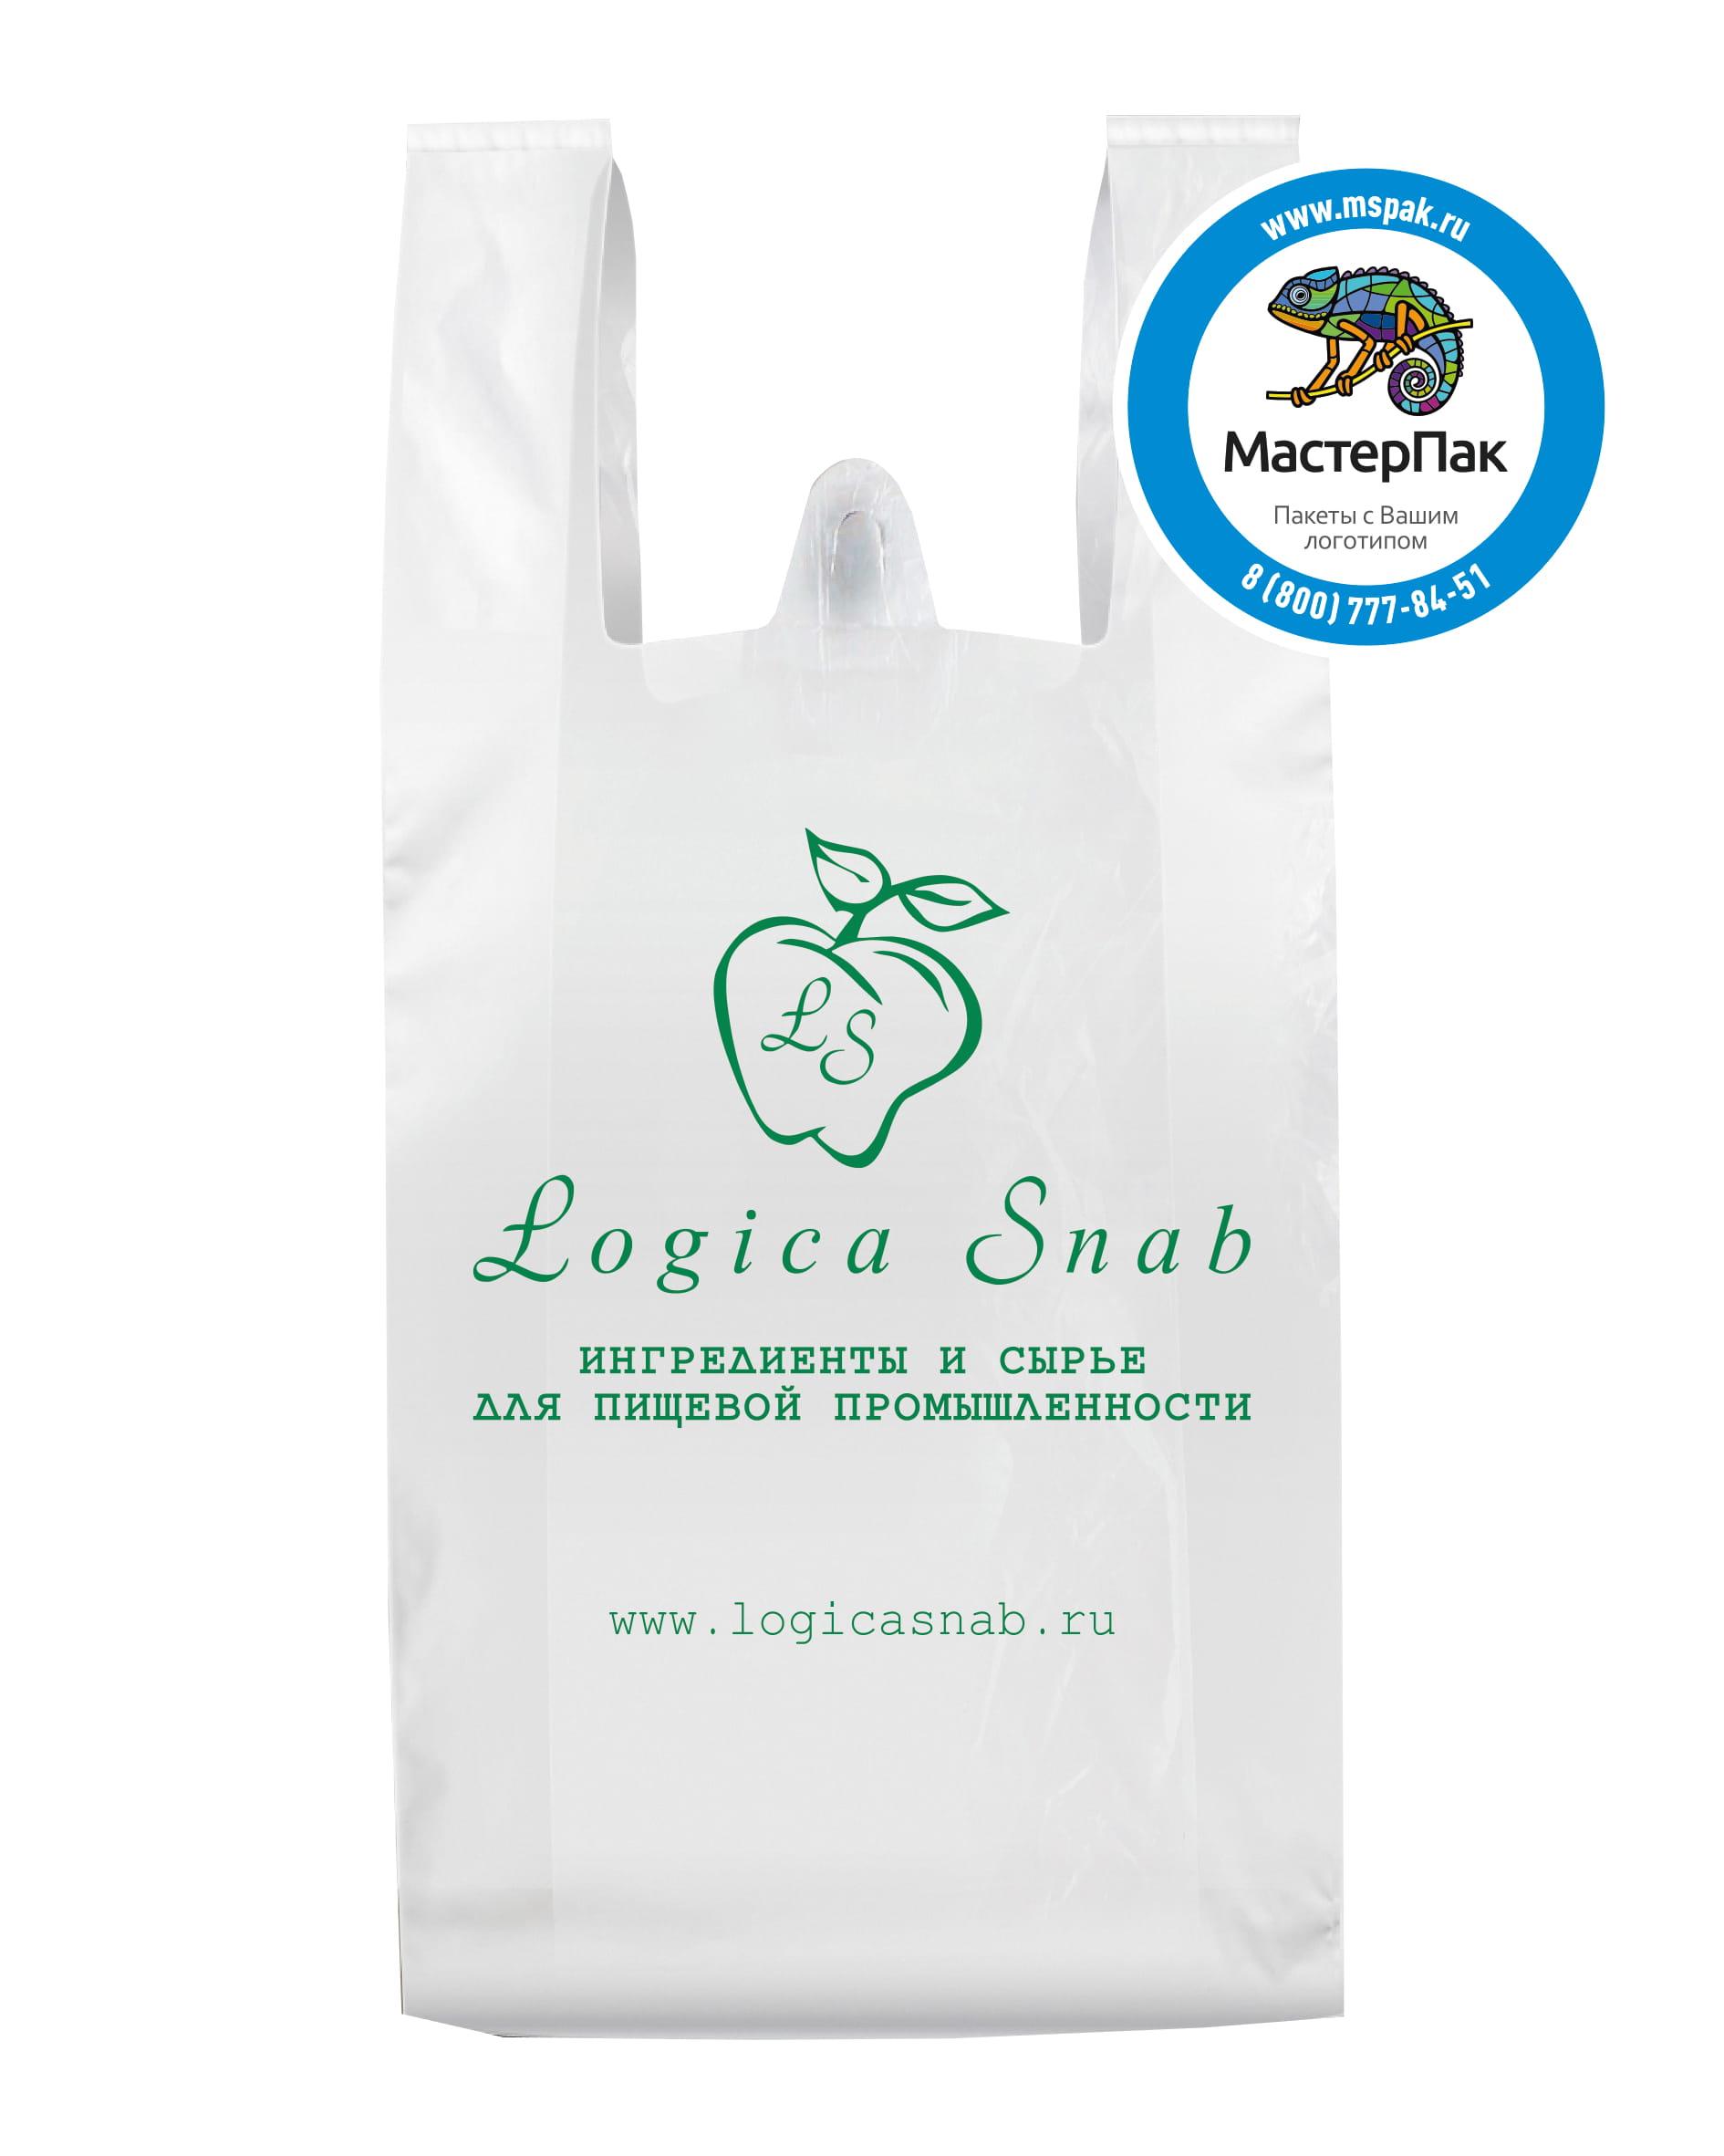 Пакет-майка ПВД с логотипом Logica Snab, Москва, 30 мкм, 40*60